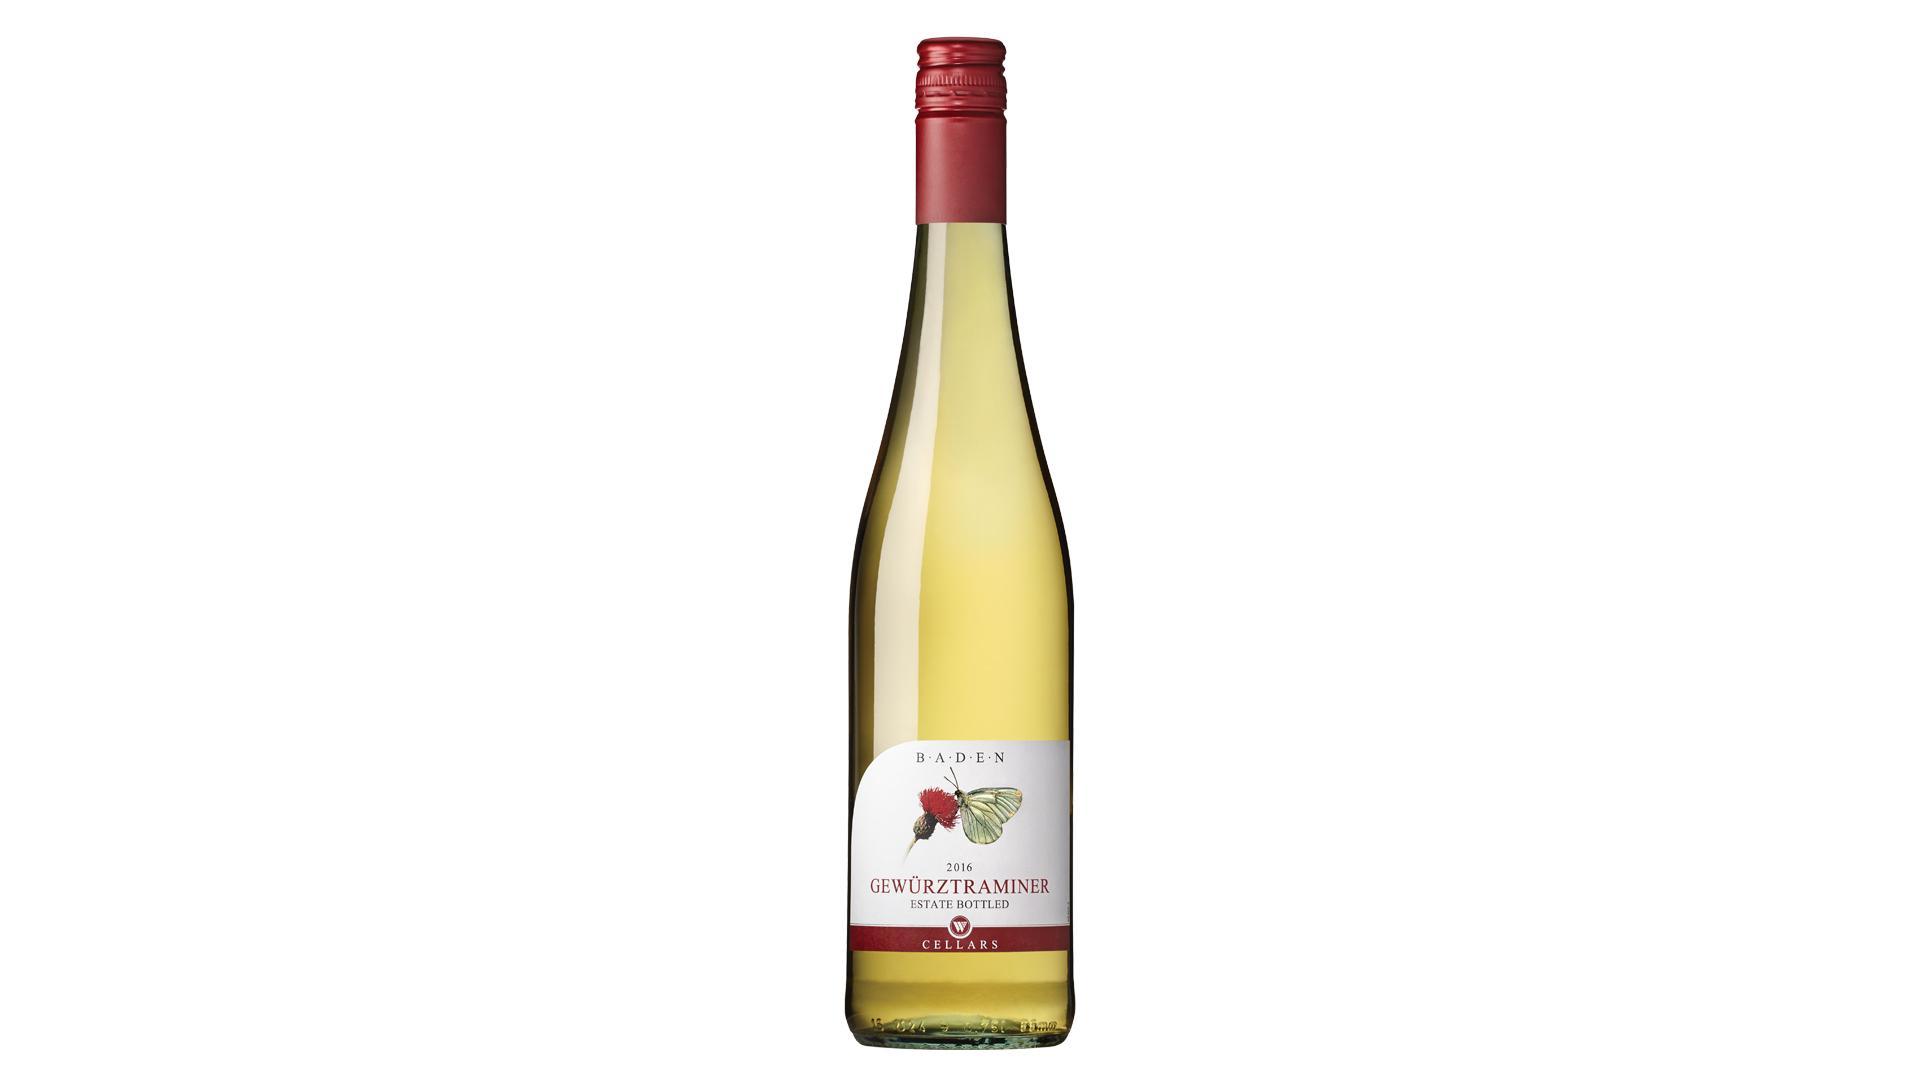 Wines of Germany | Baden Gewürztraminer